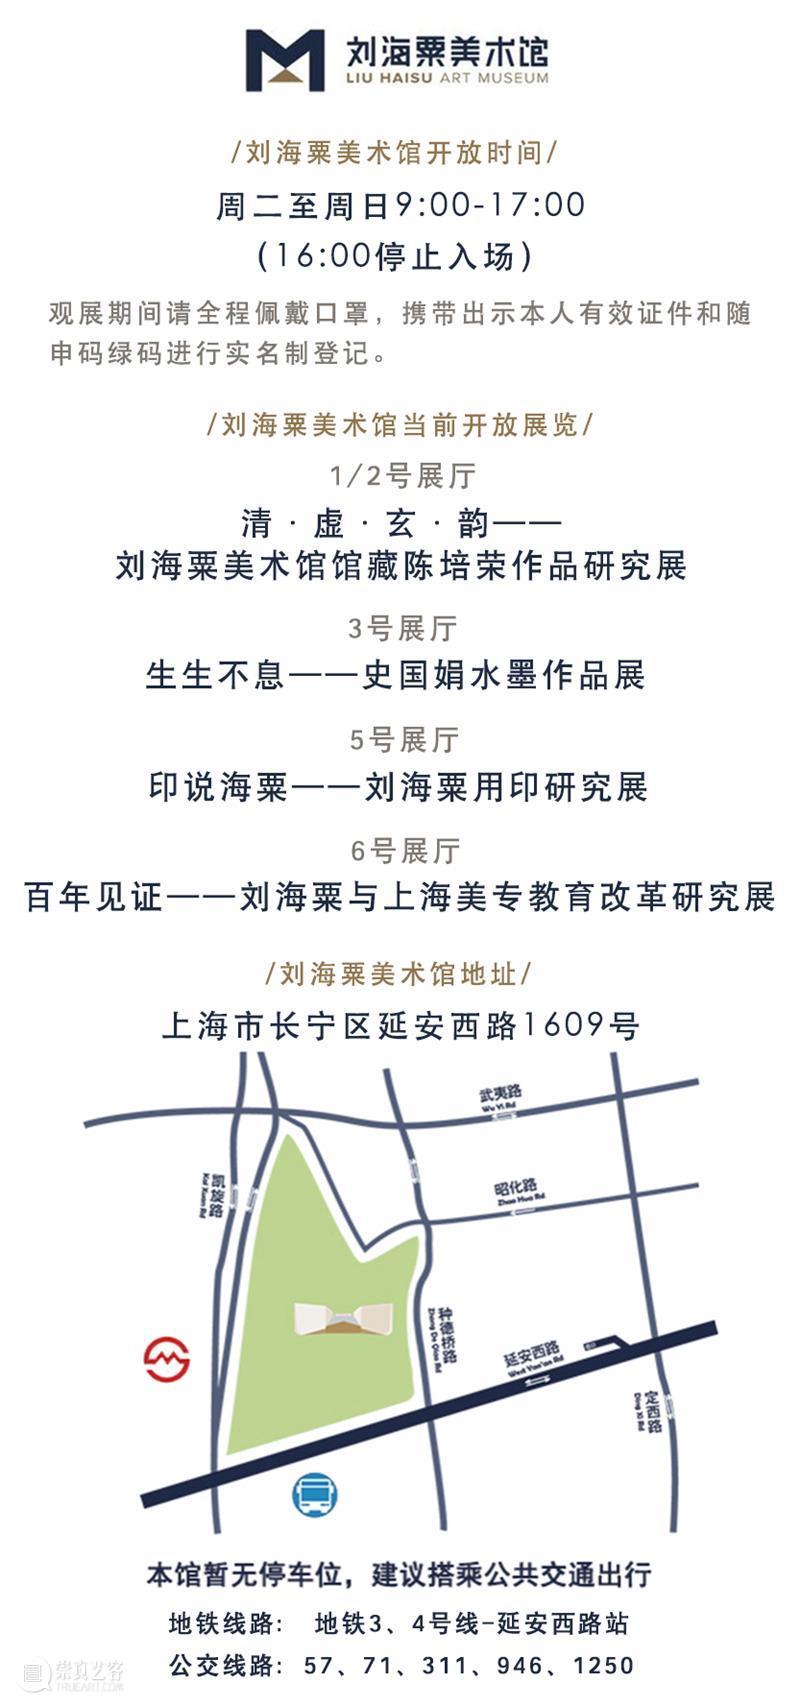 刘海粟美术馆关于加强疫情防控工作的公告 公告 疫情 工作 刘海粟美术馆 观众 朋友 当前 新冠 肺炎 形势 崇真艺客